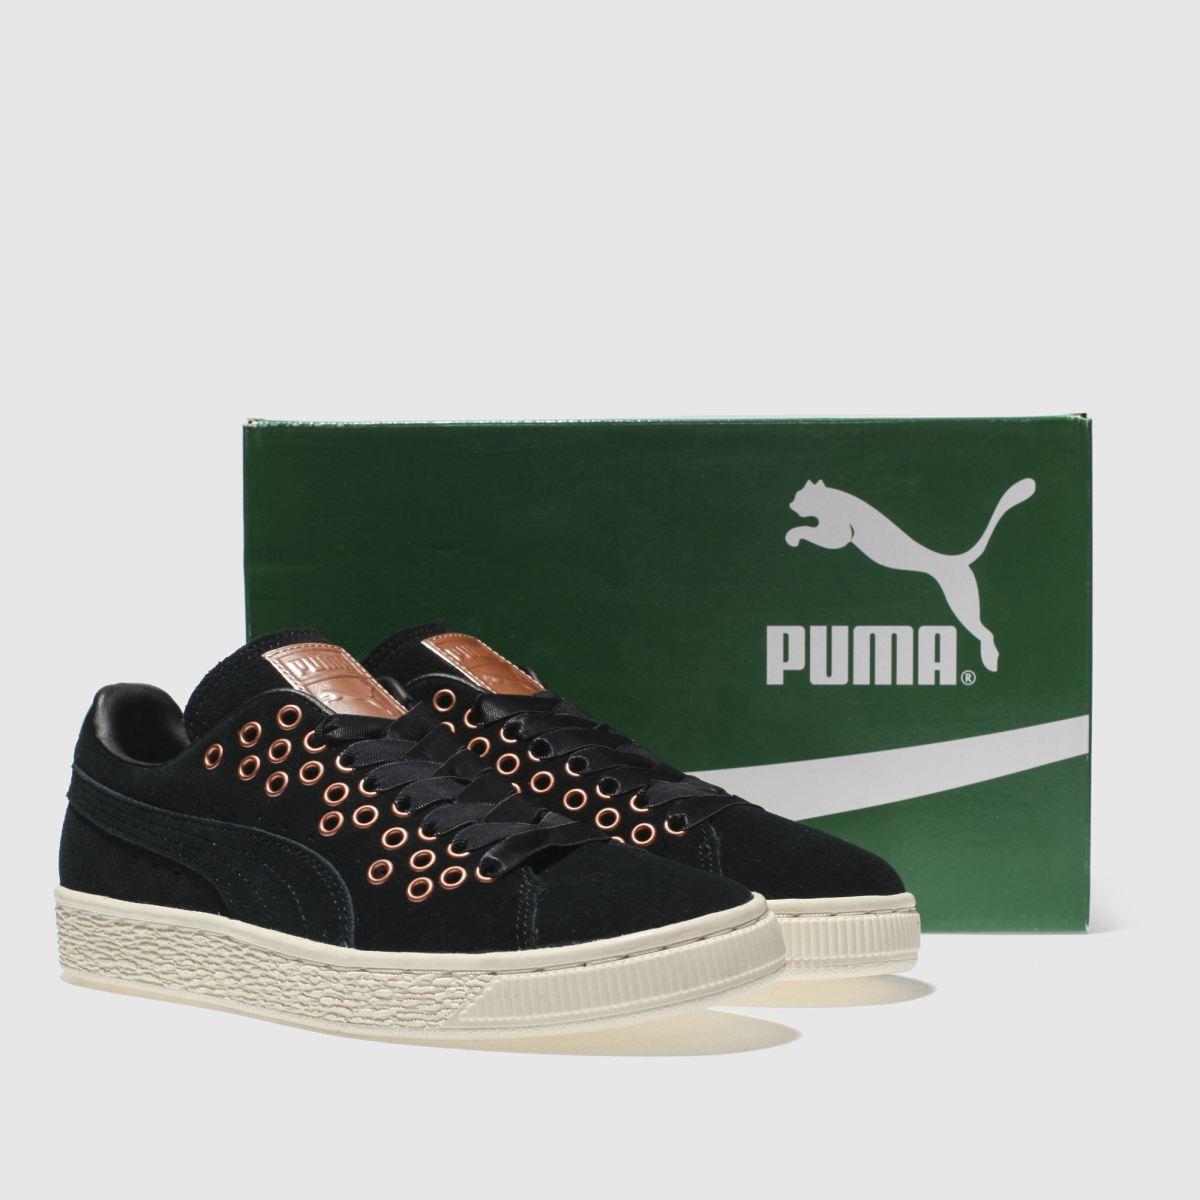 Damen Schwarz-gold Vr puma Suede Xl Lace Vr Schwarz-gold Sneaker | schuh Gute Qualität beliebte Schuhe 8288c9